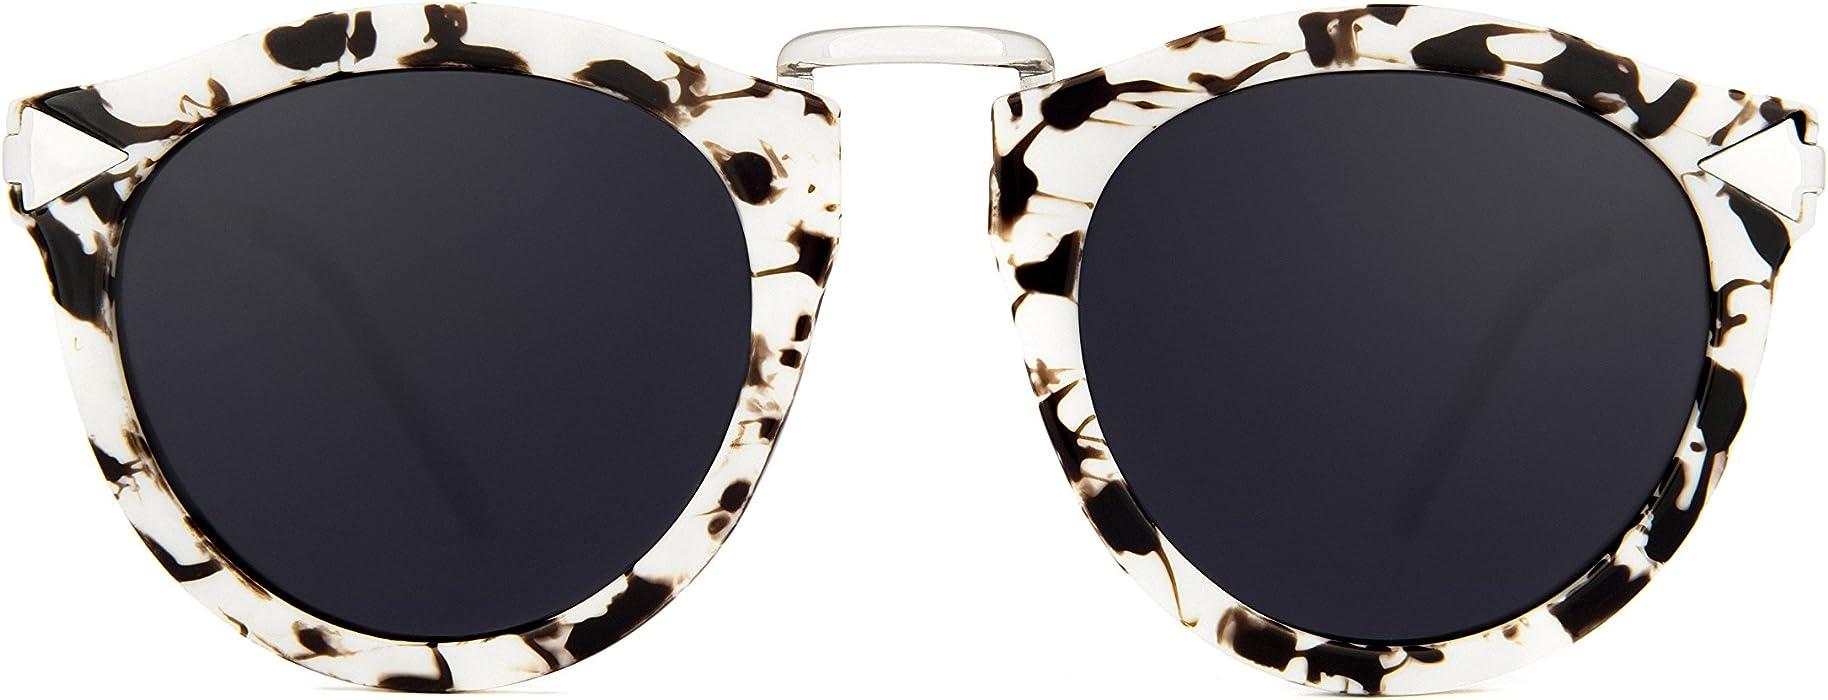 Maltessa Noash (Ceniza) - Gafas de sol de mujer. Lo último en moda eyewear